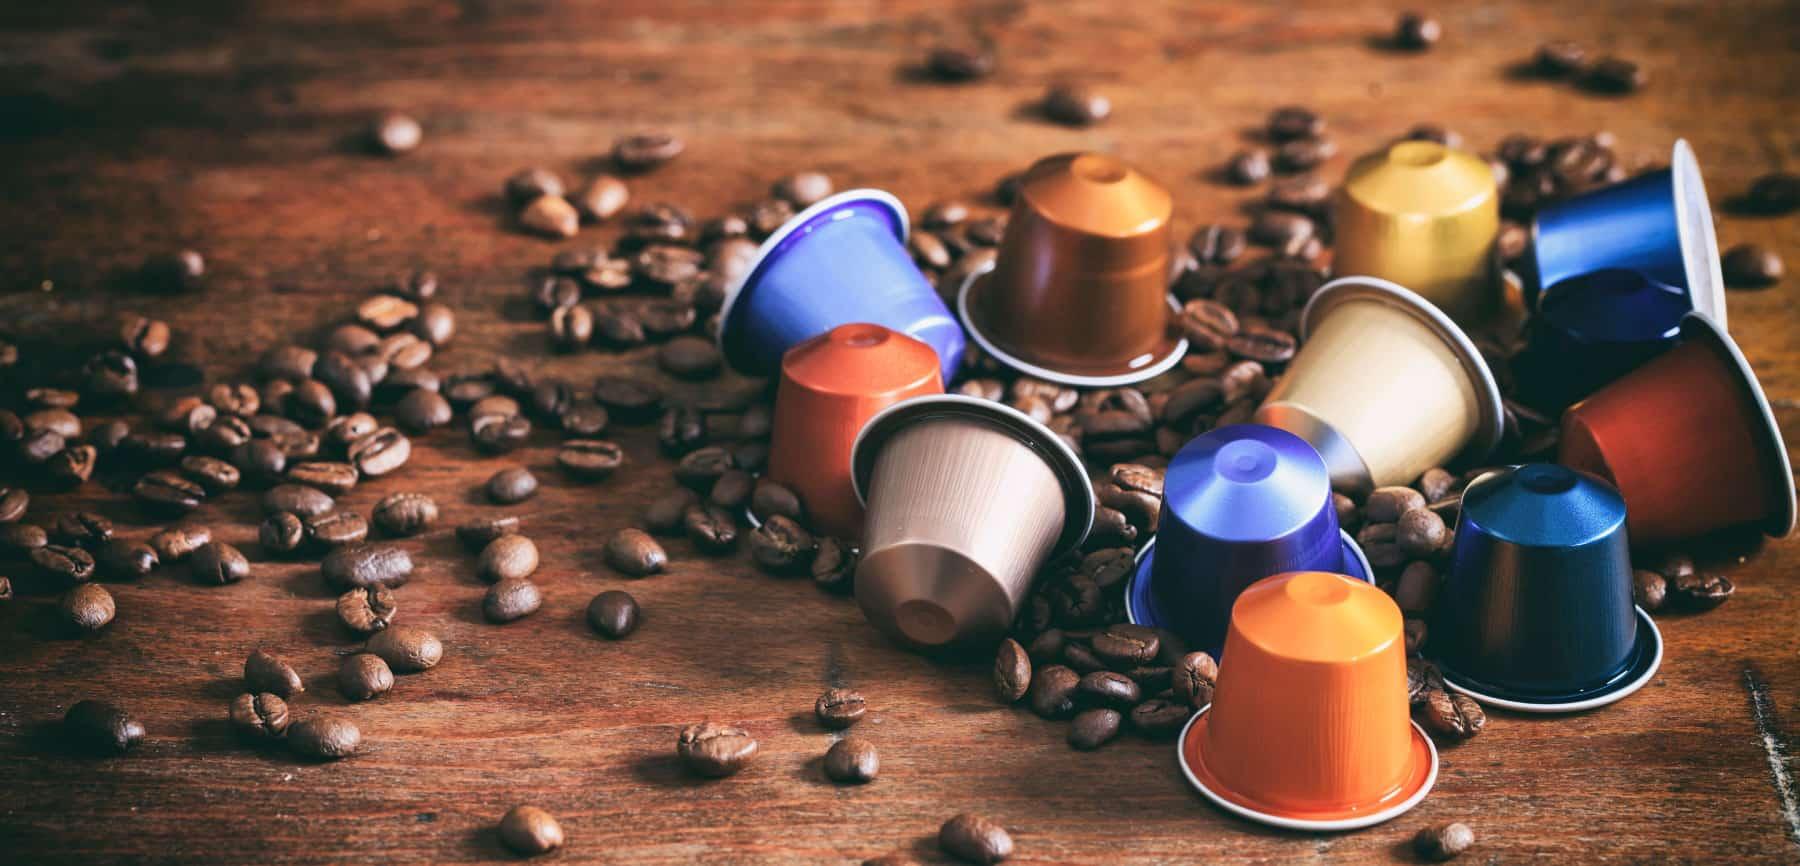 best keurig coffee maker